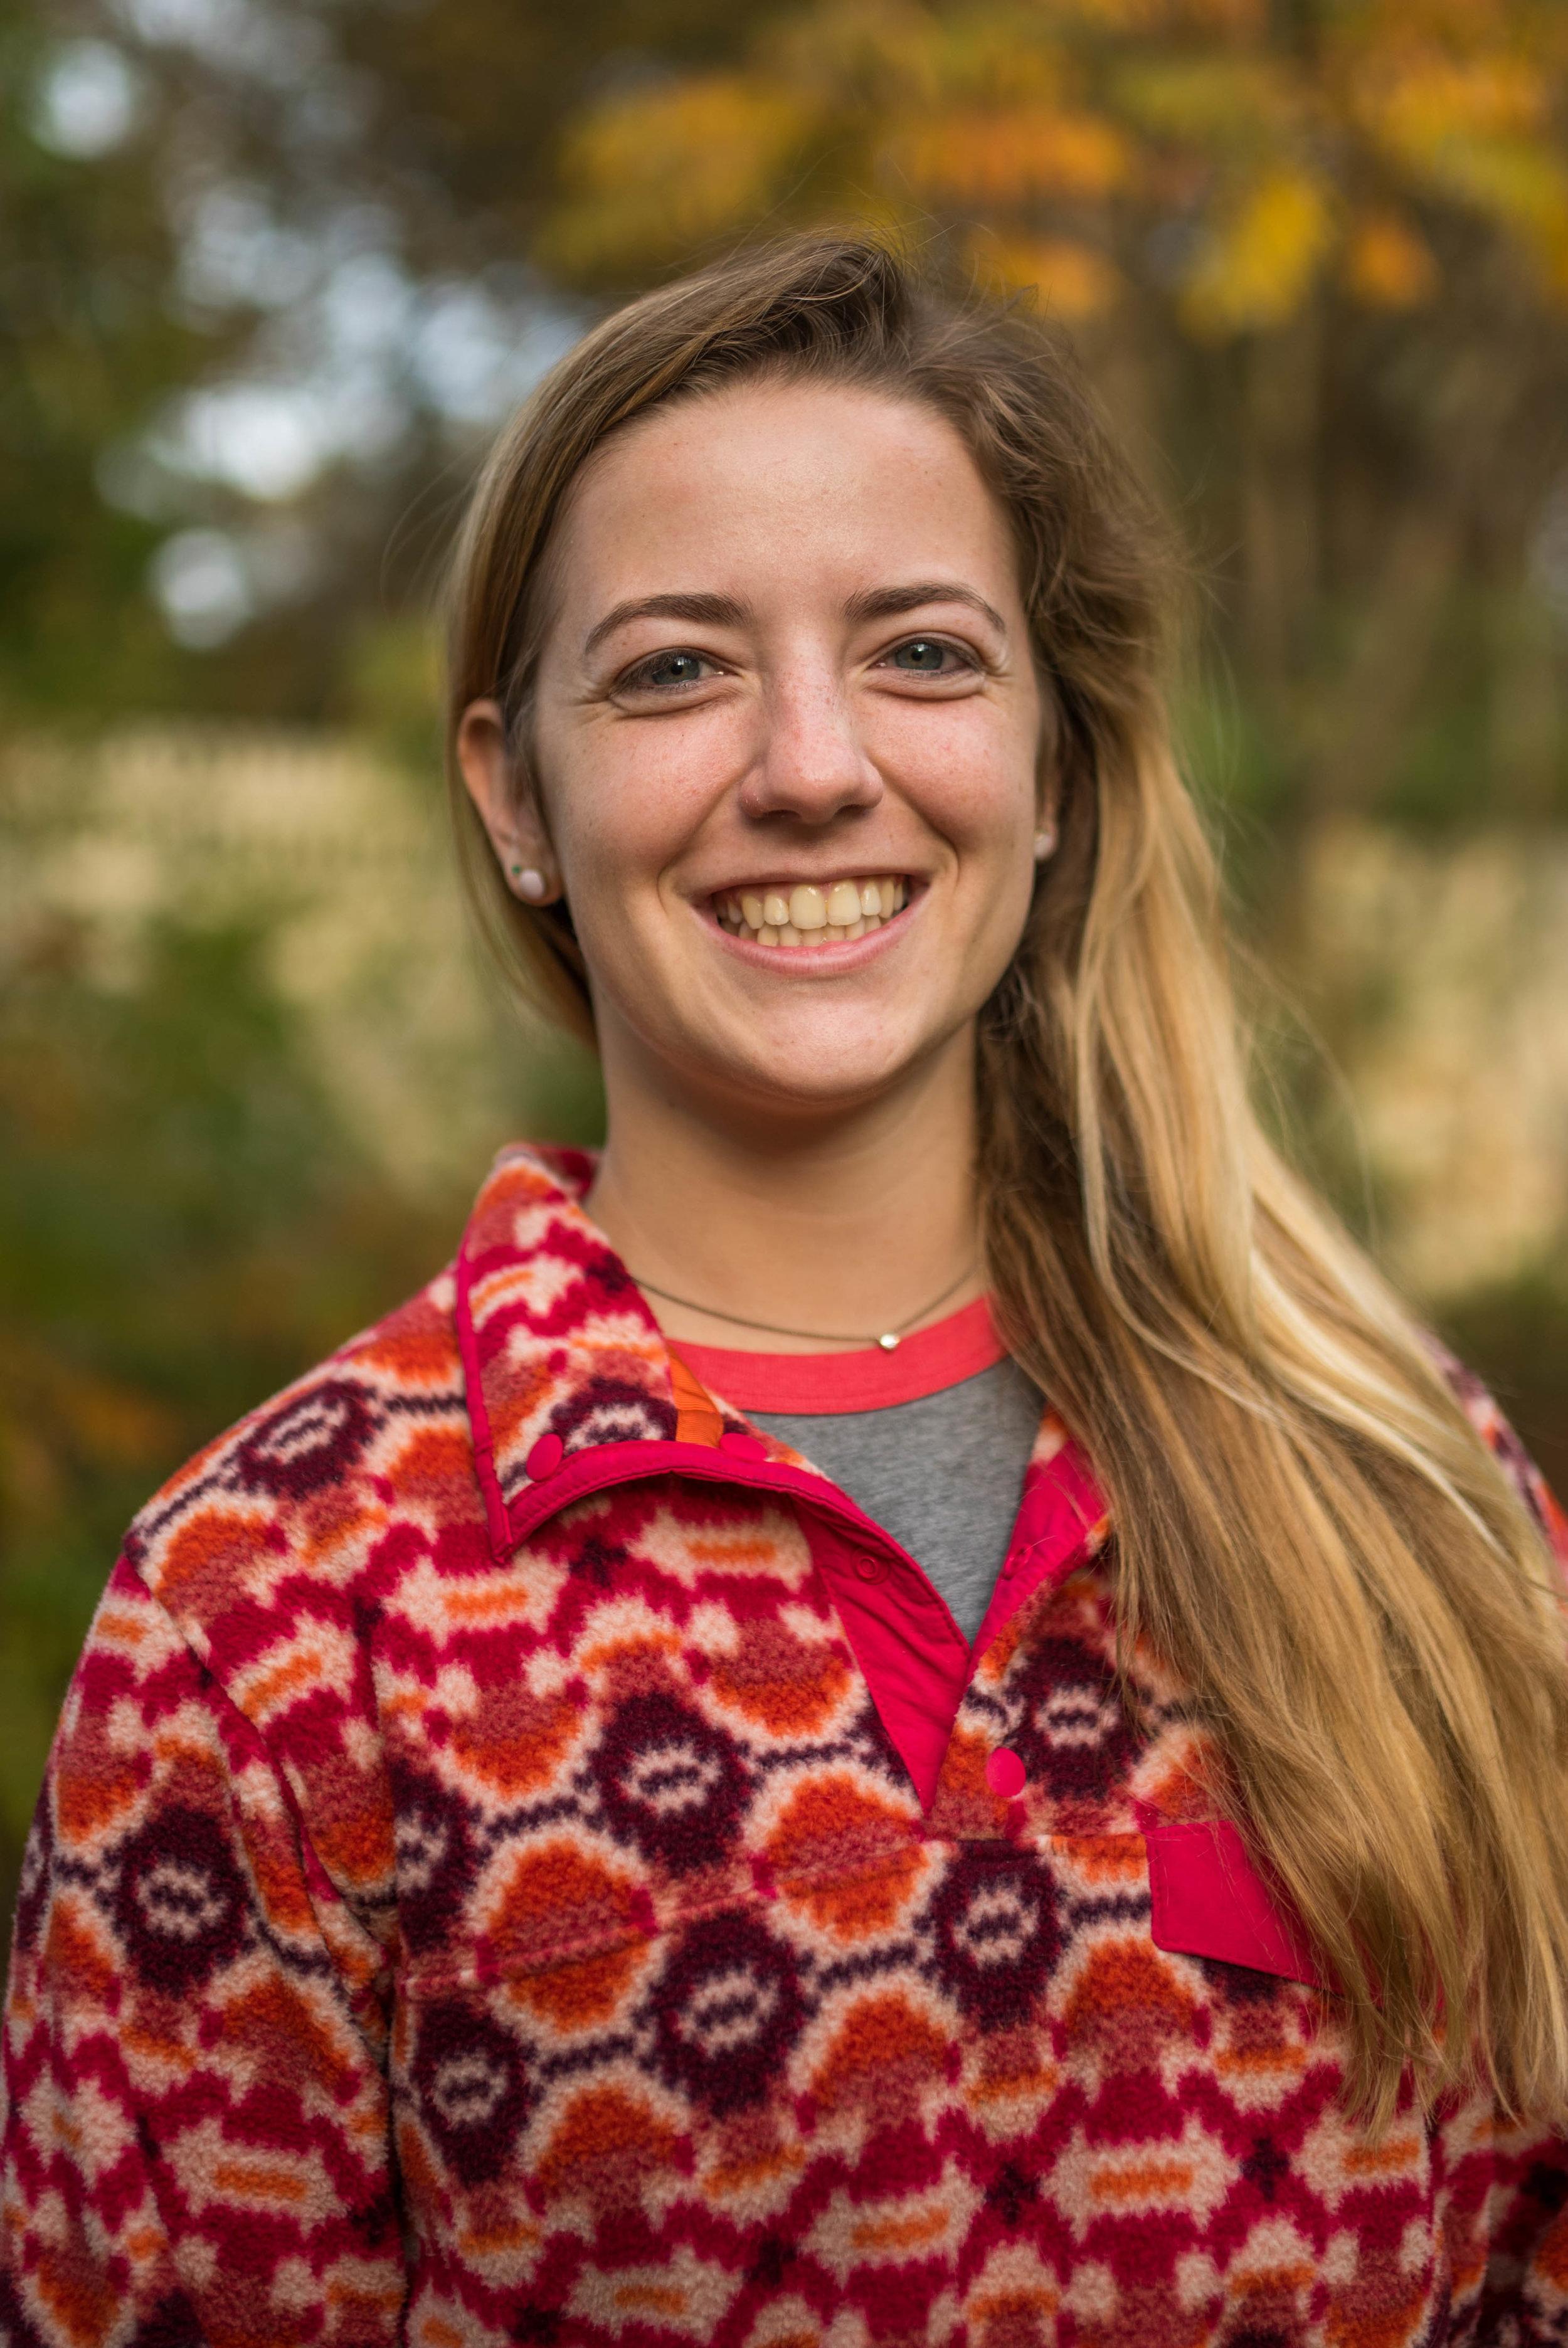 Danielle Strasberger